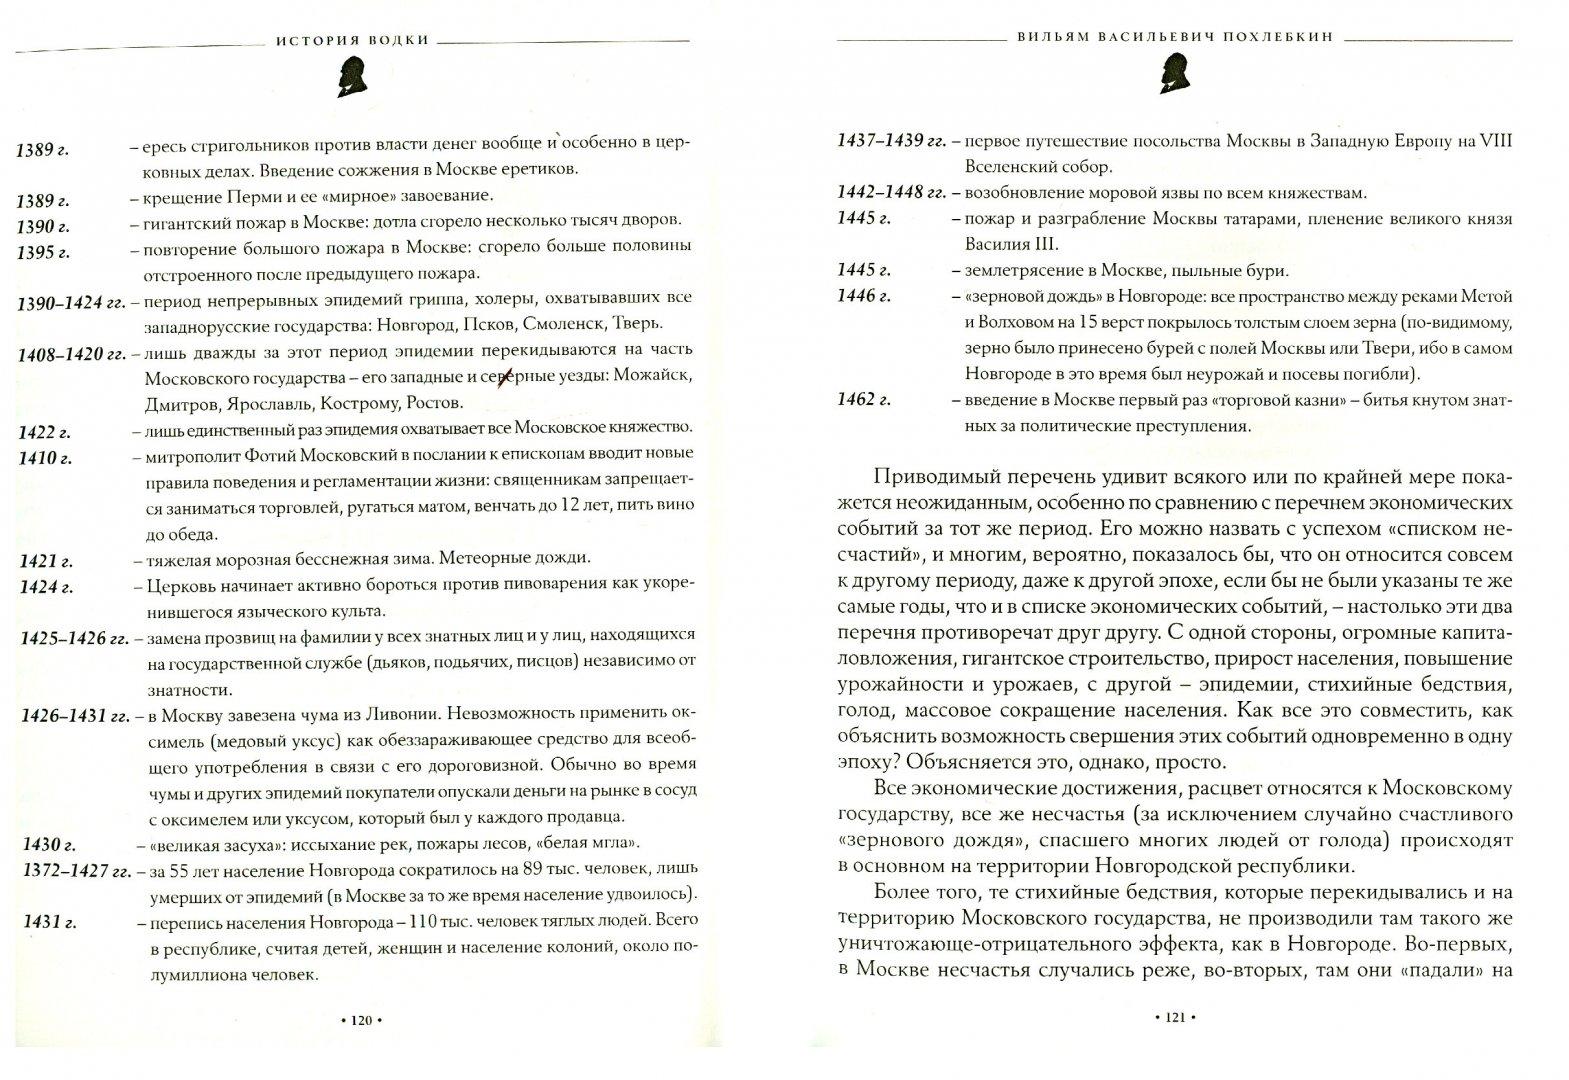 Иллюстрация 1 из 16 для История водки - Вильям Похлебкин | Лабиринт - книги. Источник: Лабиринт